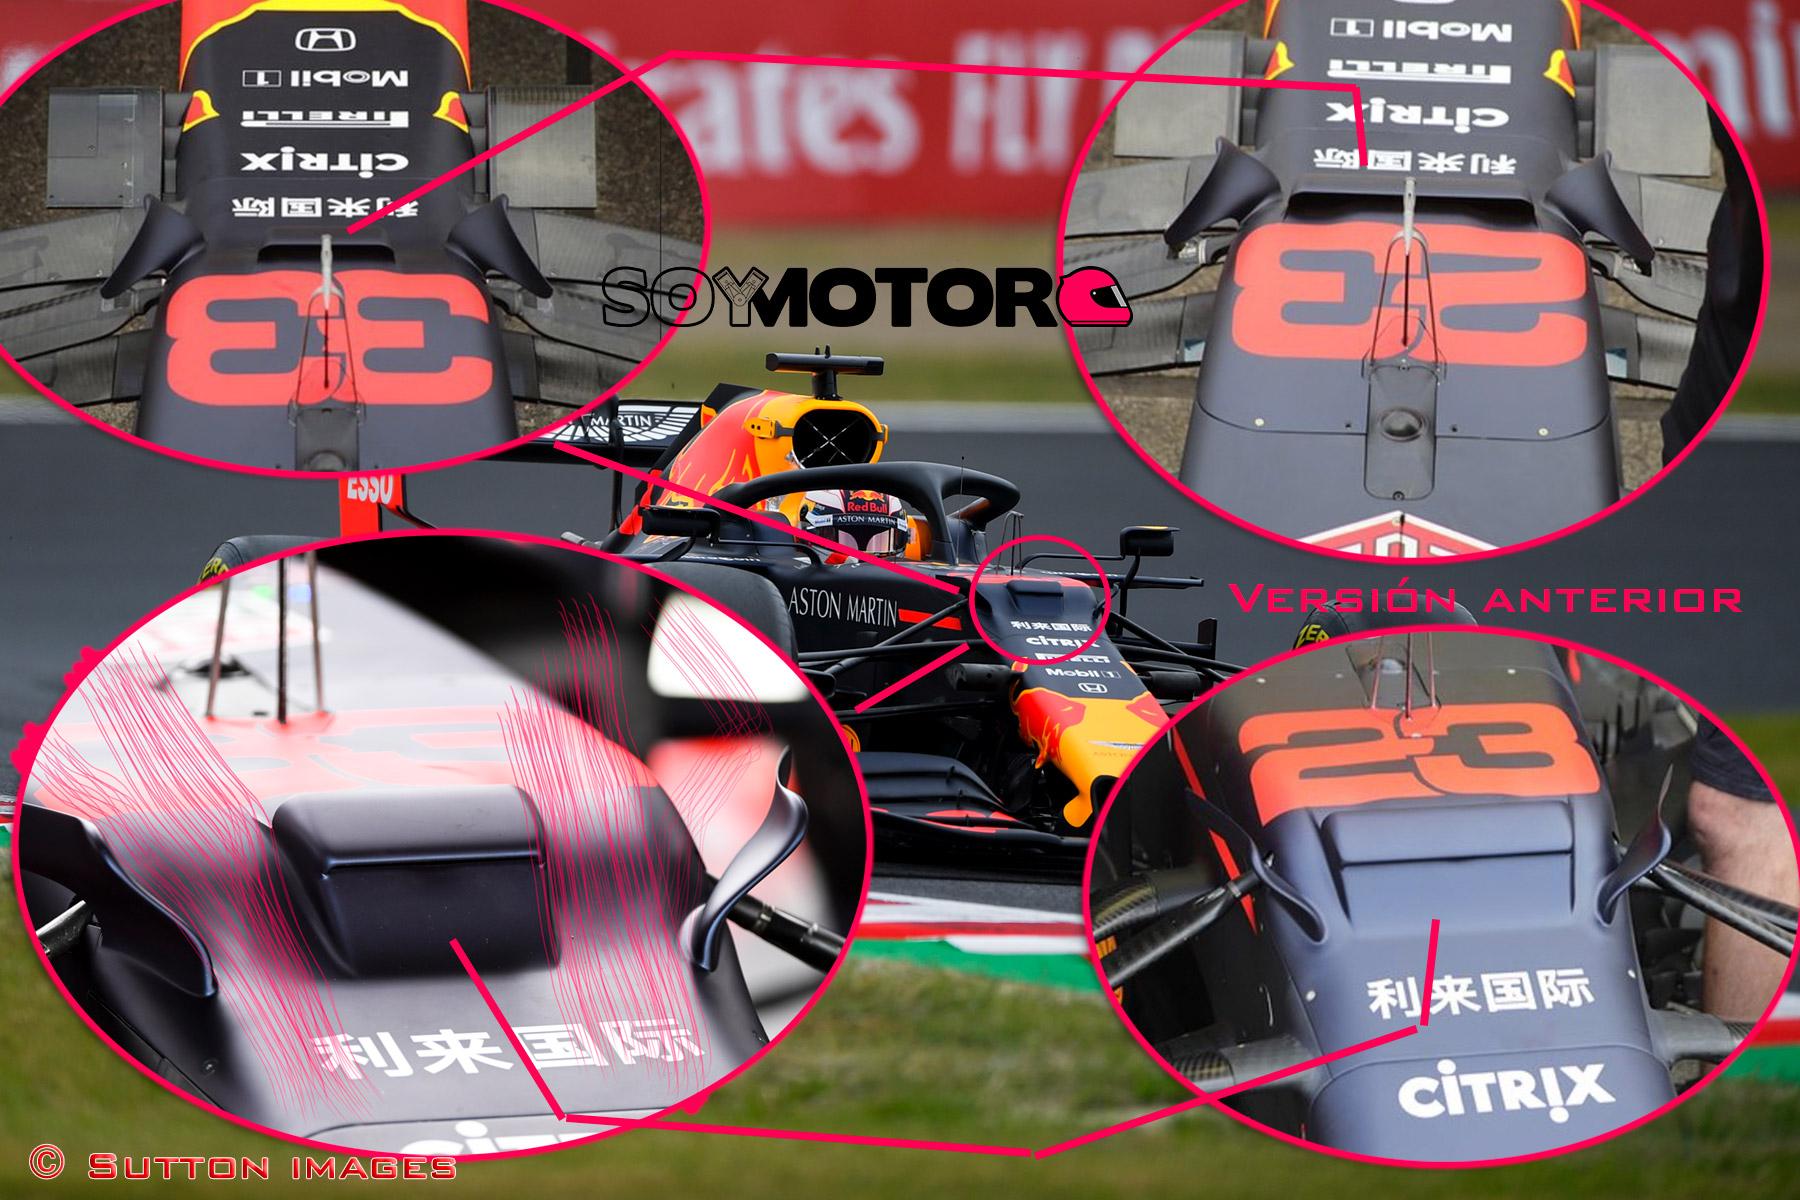 red-bull-s-duct-soymotor.jpg